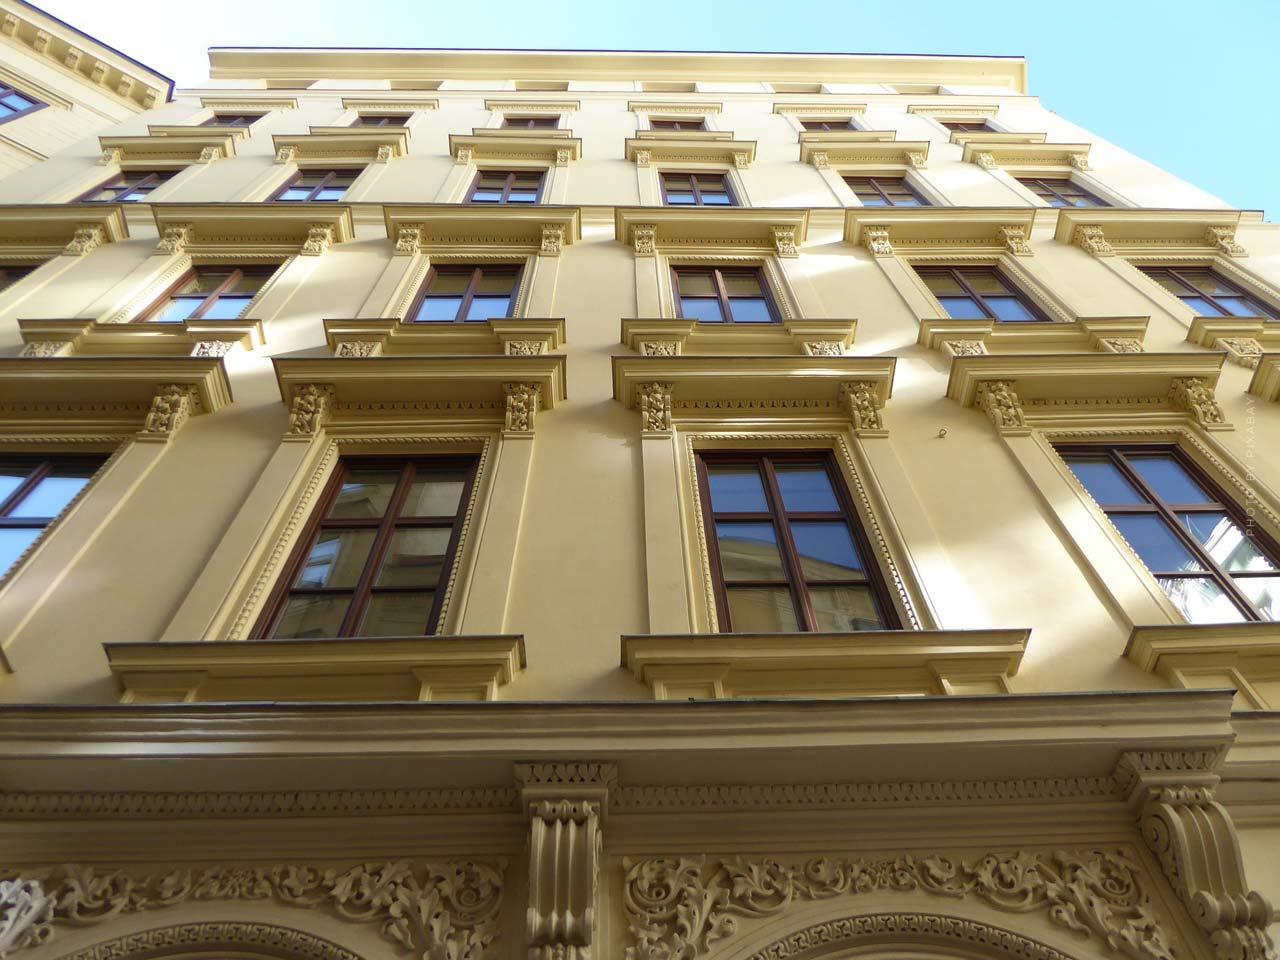 Mehrfamilienhaus kaufen: Kosten, Ablauf, Sanierung und Neu-Vermietung